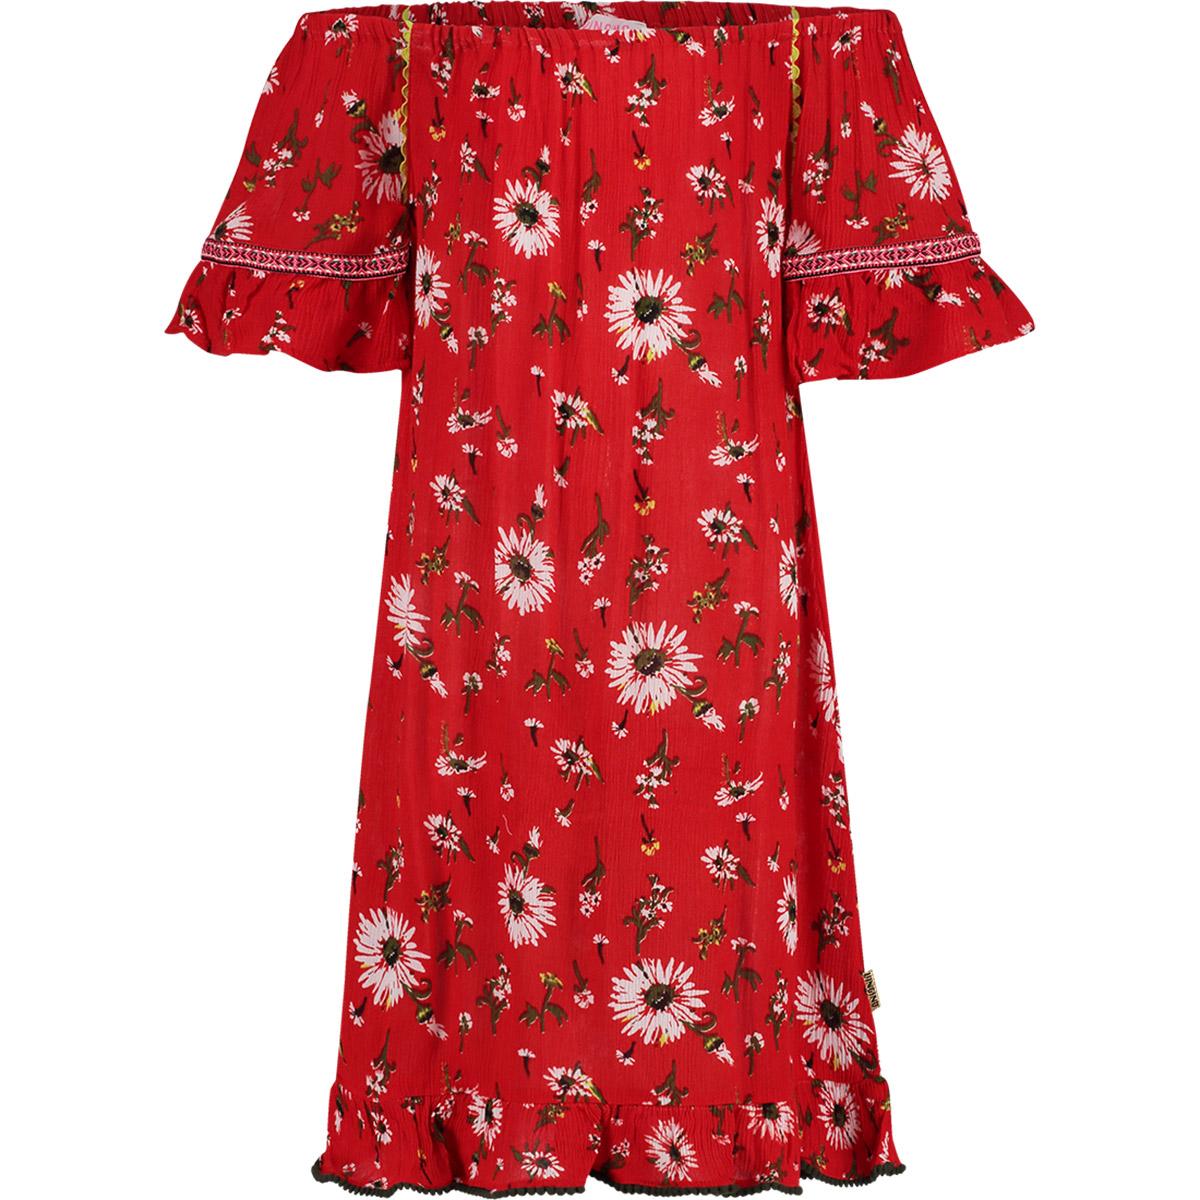 229b96a2ed0cc4 Meisjes jurken & rokken bestel je online bij